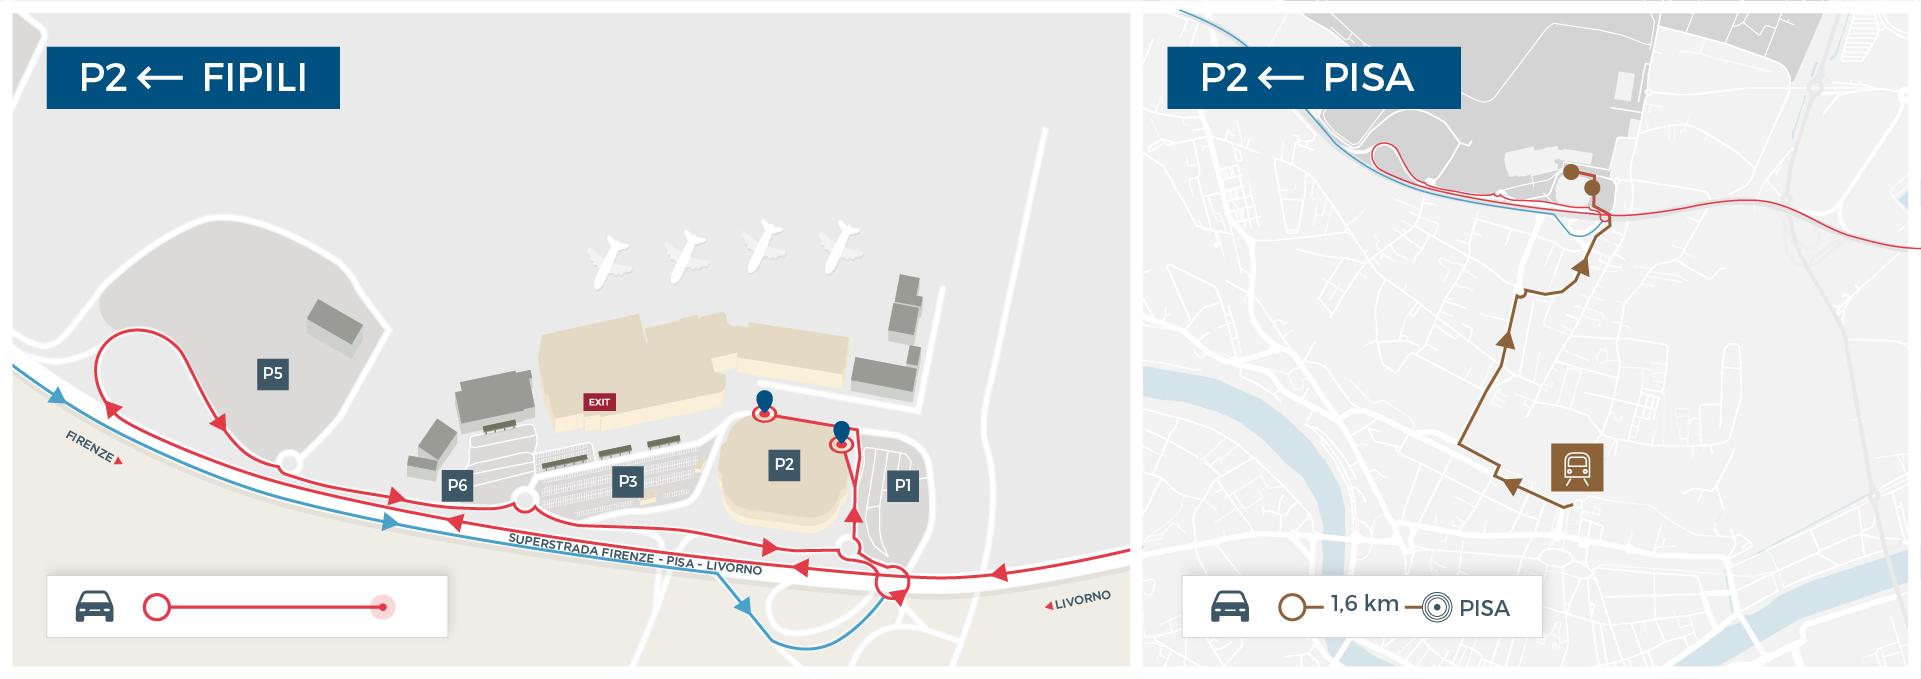 Car Parking Pisa Airport - Pisa bus map